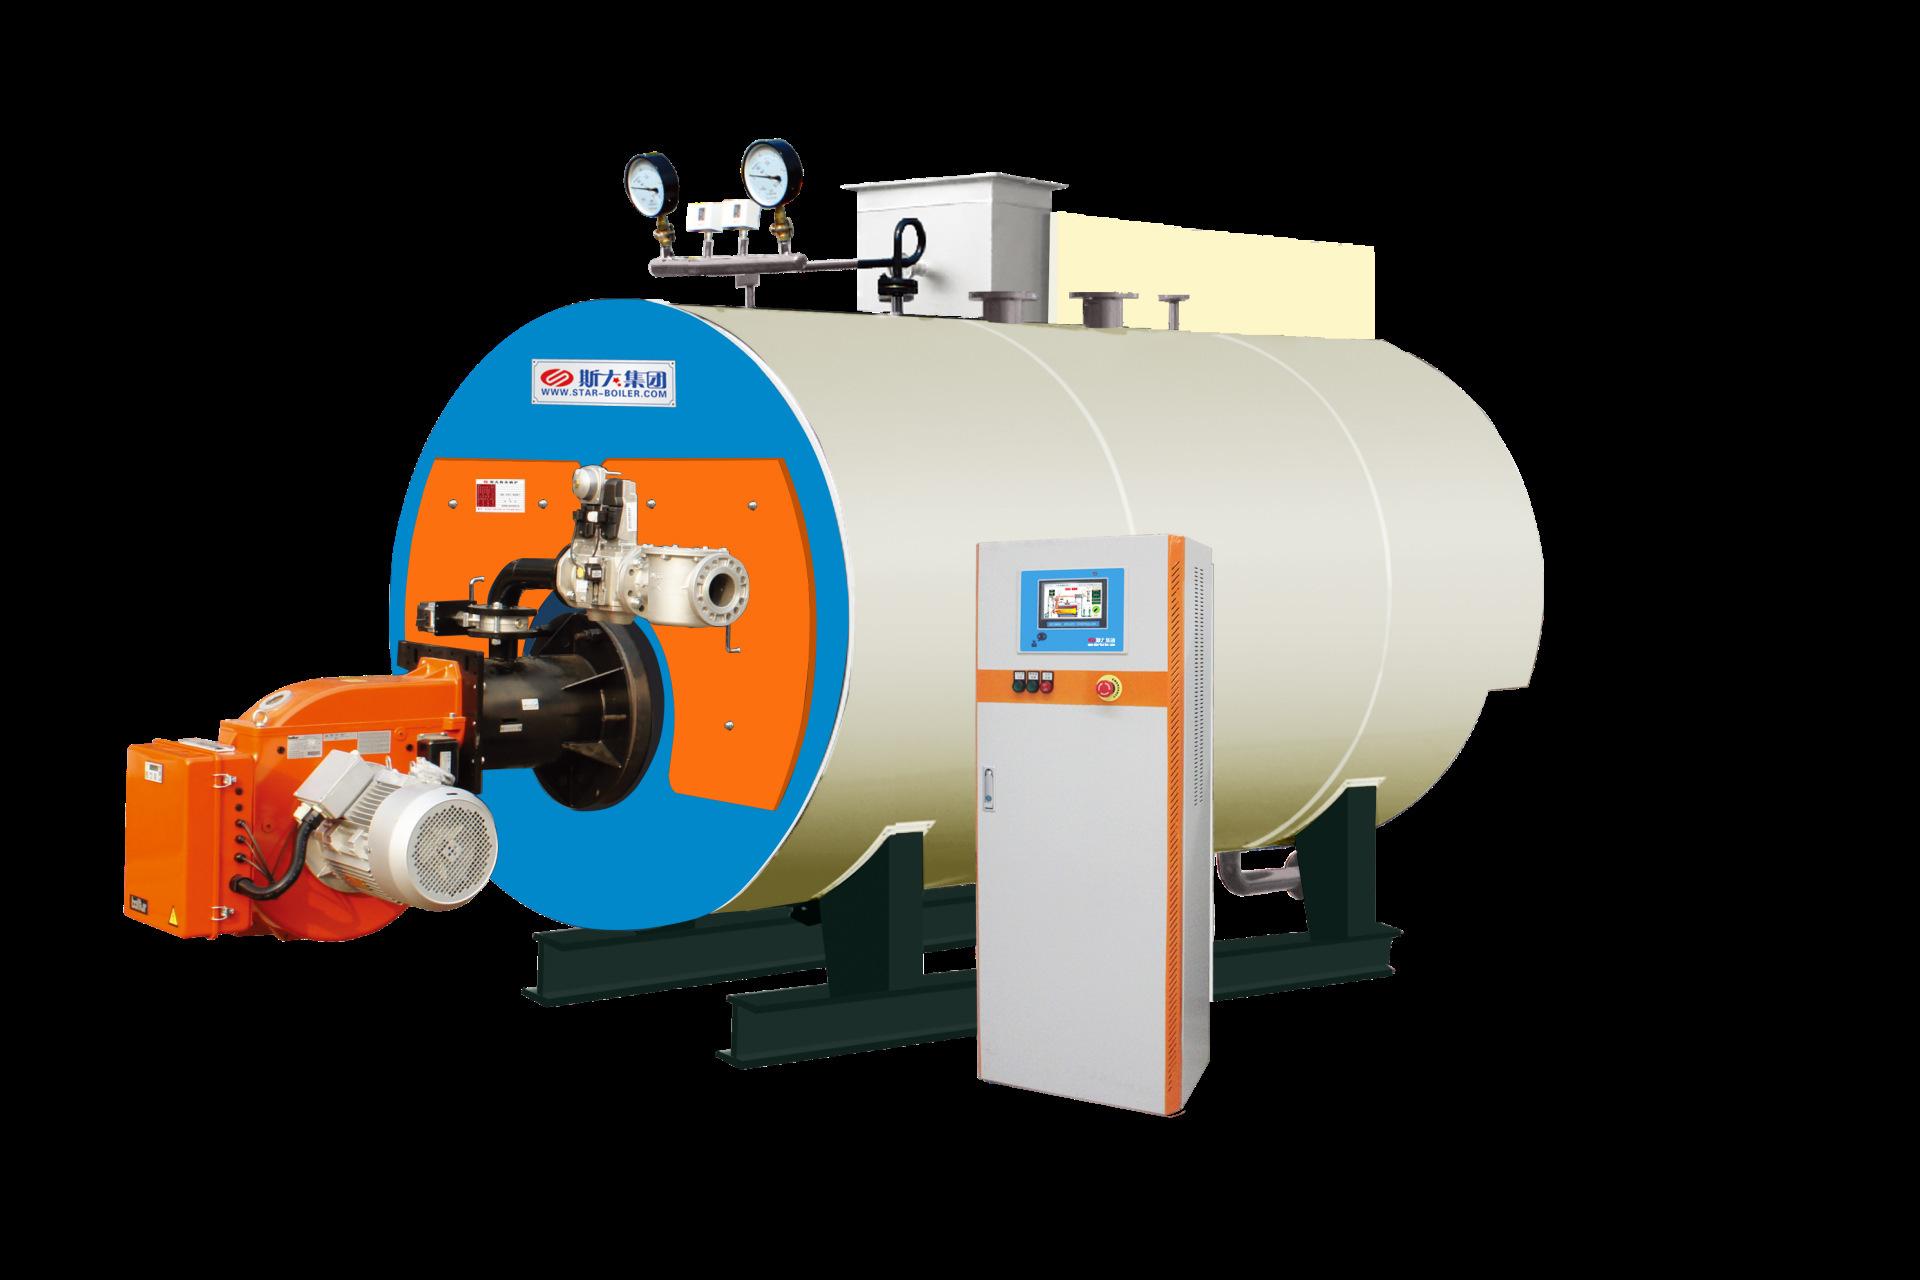 专业生产并供应承压热水锅炉 自然循环锅炉 快装锅炉 WNS 室燃炉 工业锅炉